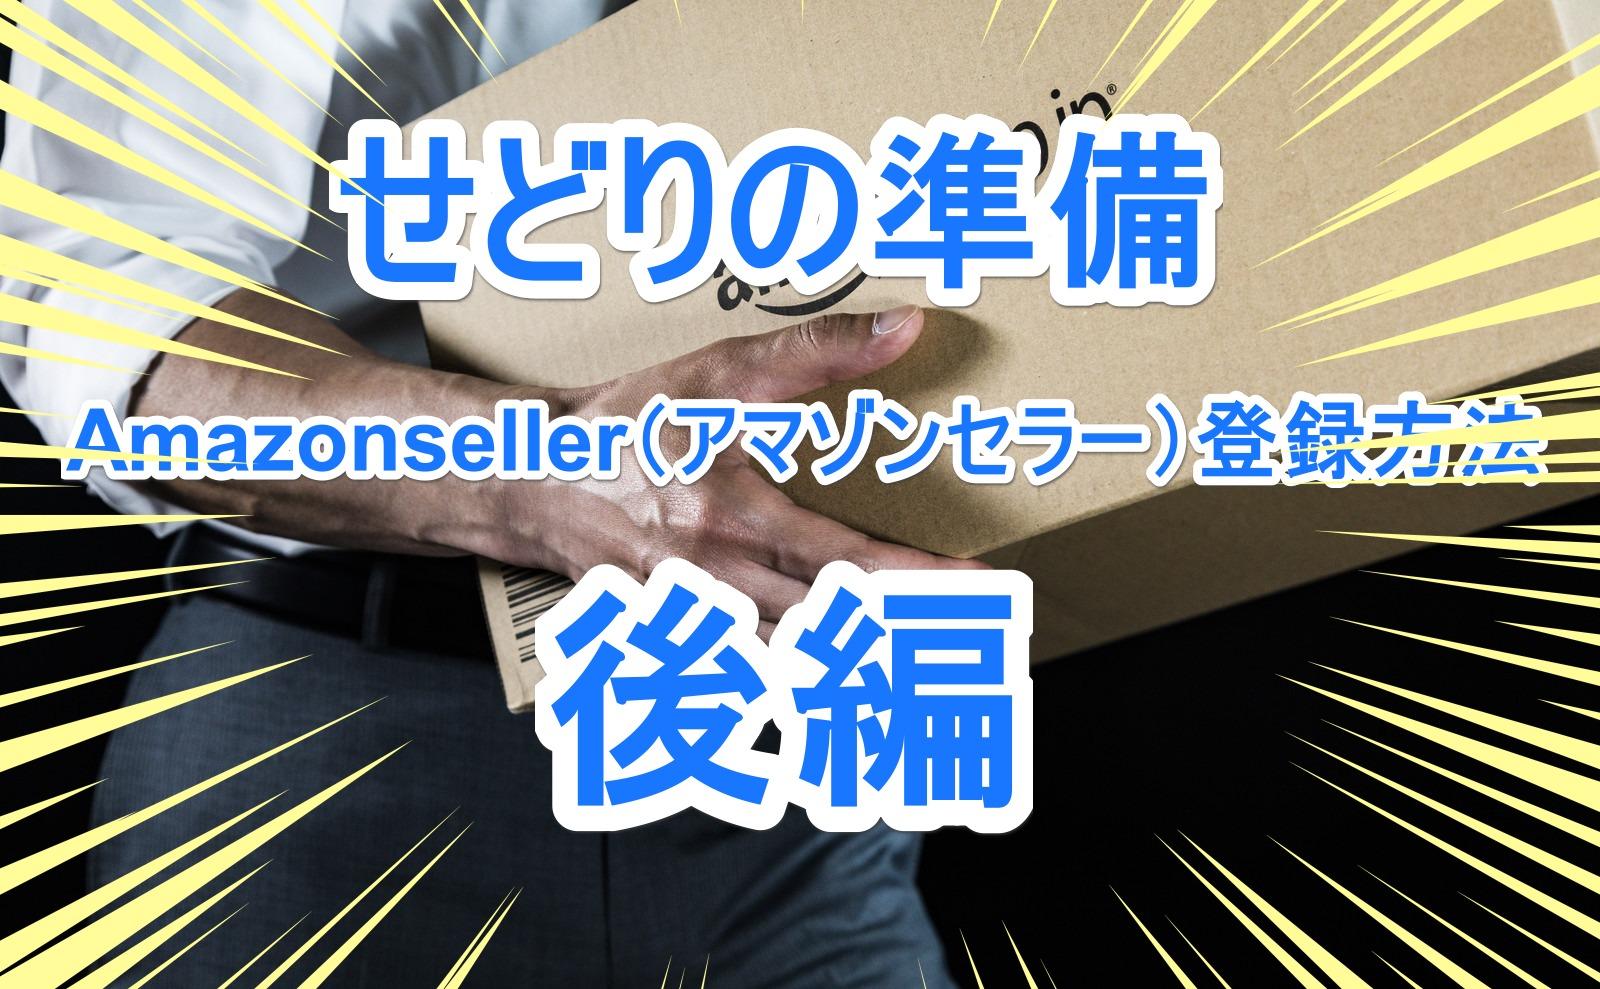 【2020年10月最新】せどりの準備~Amazonseller(アマゾンセラー)登録方法後編